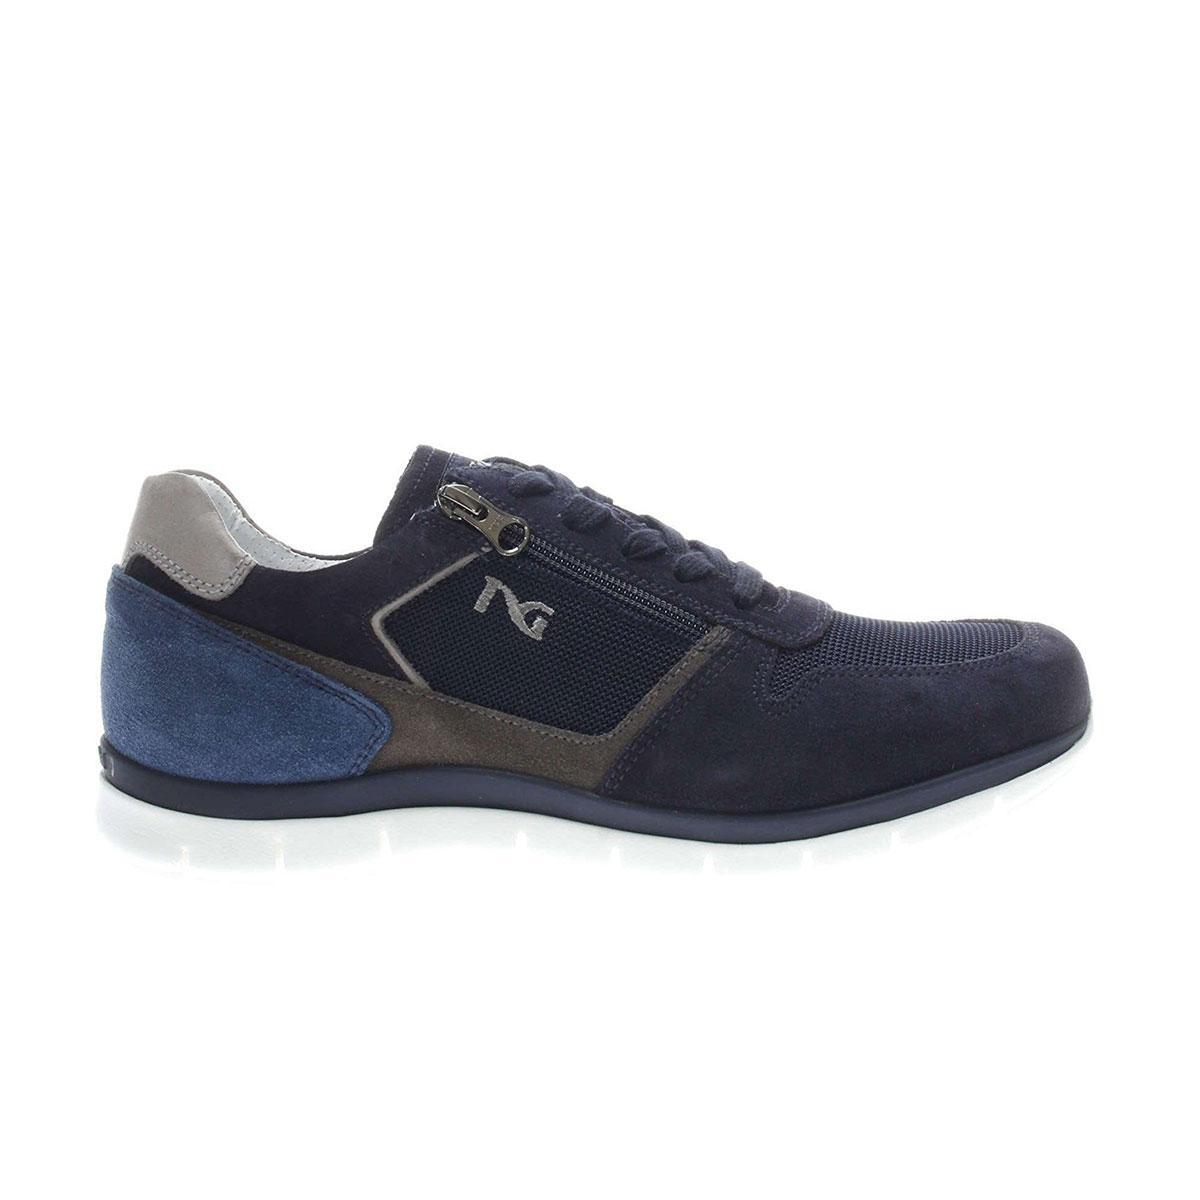 Nero Giardini Scarpe Uomo Blu • Jobcalzature - negozio dedicato alla ... 2a397bf15f5